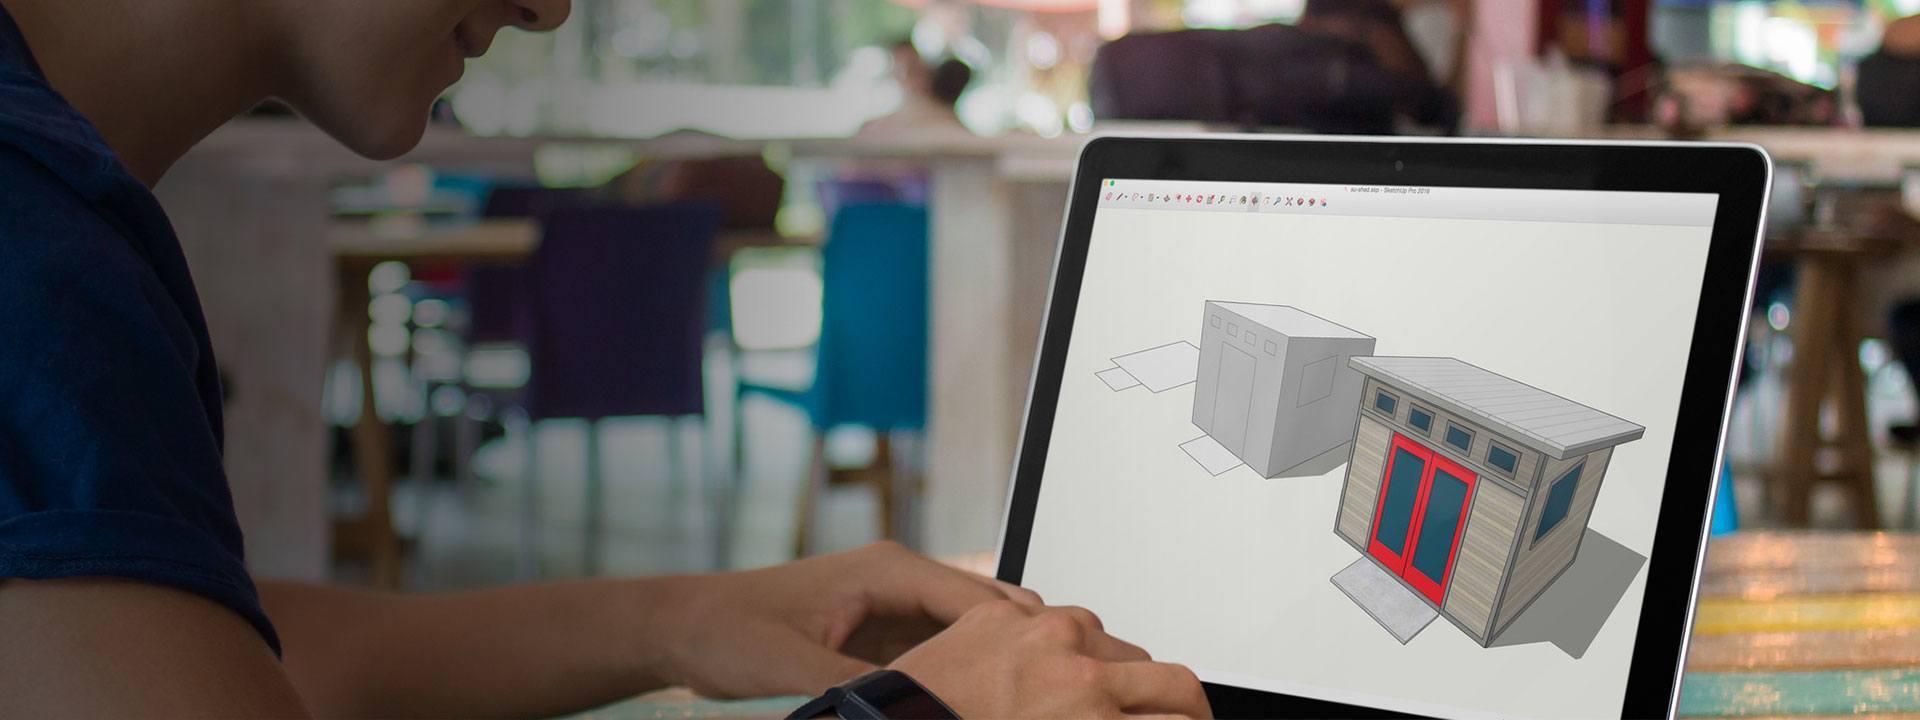 Sketchup modelado facil en 3D